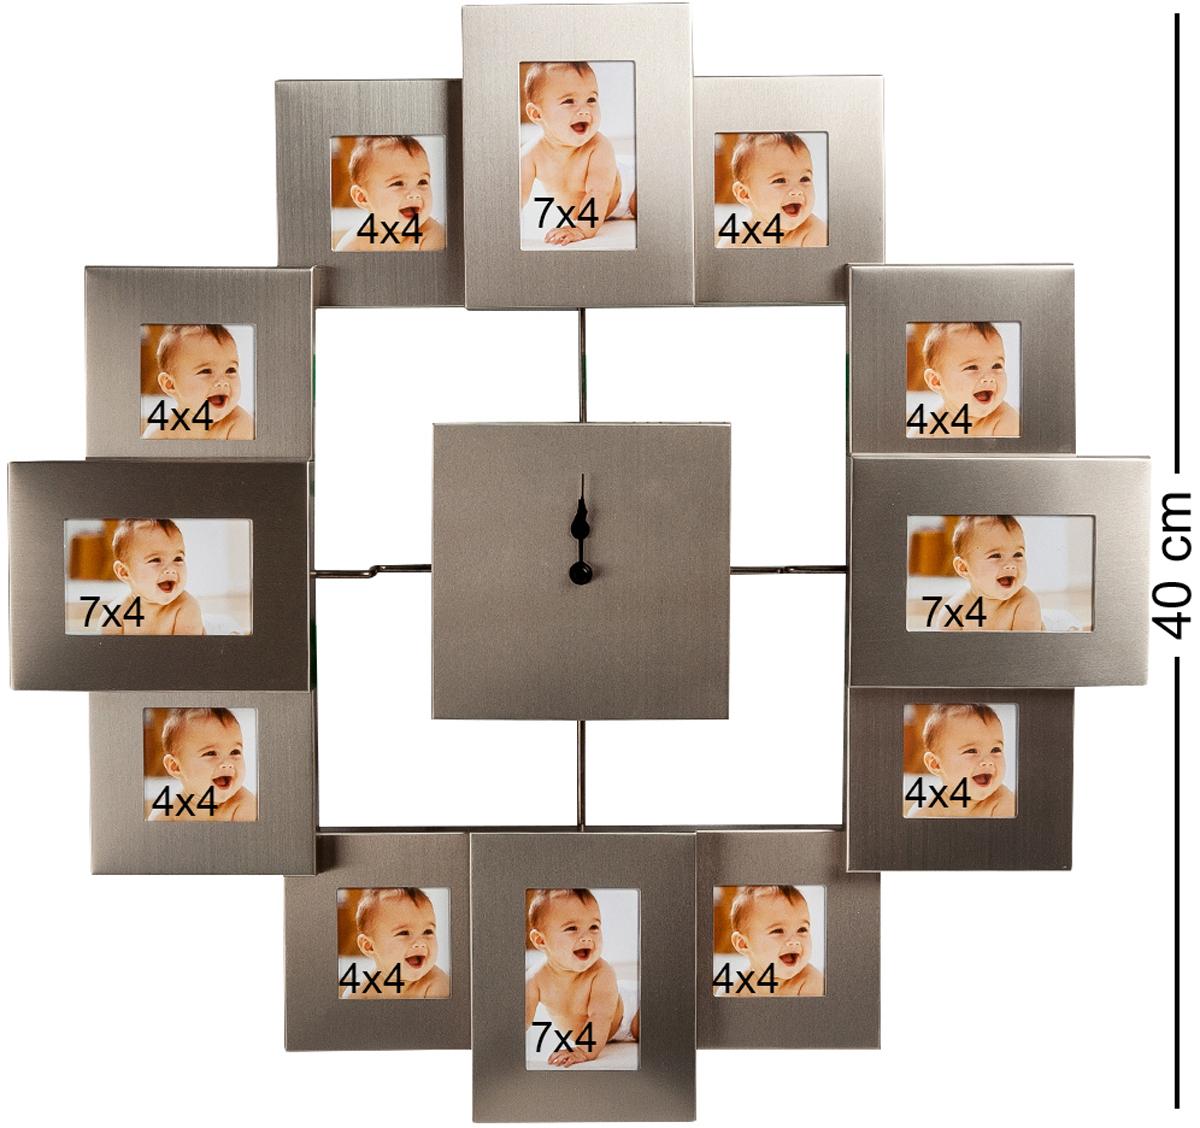 Панно-часы Bellezza Casa В ногу со временем, на 12 фото: 4х4, 7х4. CHK-02294672Панно из фоторамок для 12 фотографий с часами (метал мат.)Для фотографий 4х4 и 7х4 см.Если в семье растет маленький ребенок, вполне понятно желание родителей его постоянно фотографировать и иметь перед глазами эти фотографии, чтобы отслеживать, насколько быстро он растет и как изменяется с возрастом. Для этого очень удобно использовать такое панно-часы, в котором вместо часовых делений использованы маленькие рамочки для фотографий размером 4х4 и 7х4 сантиметра. Постарайтесь фотографировать вашего малыша каждый месяц, и тогда за год вы заполните все рамочки и получите великолепную подборку, рассказывающую о первых месяцах жизни ребенка. В дальнейшем можно поменять снимки, и тогда часы будут показывать время роста в течение первых лет.